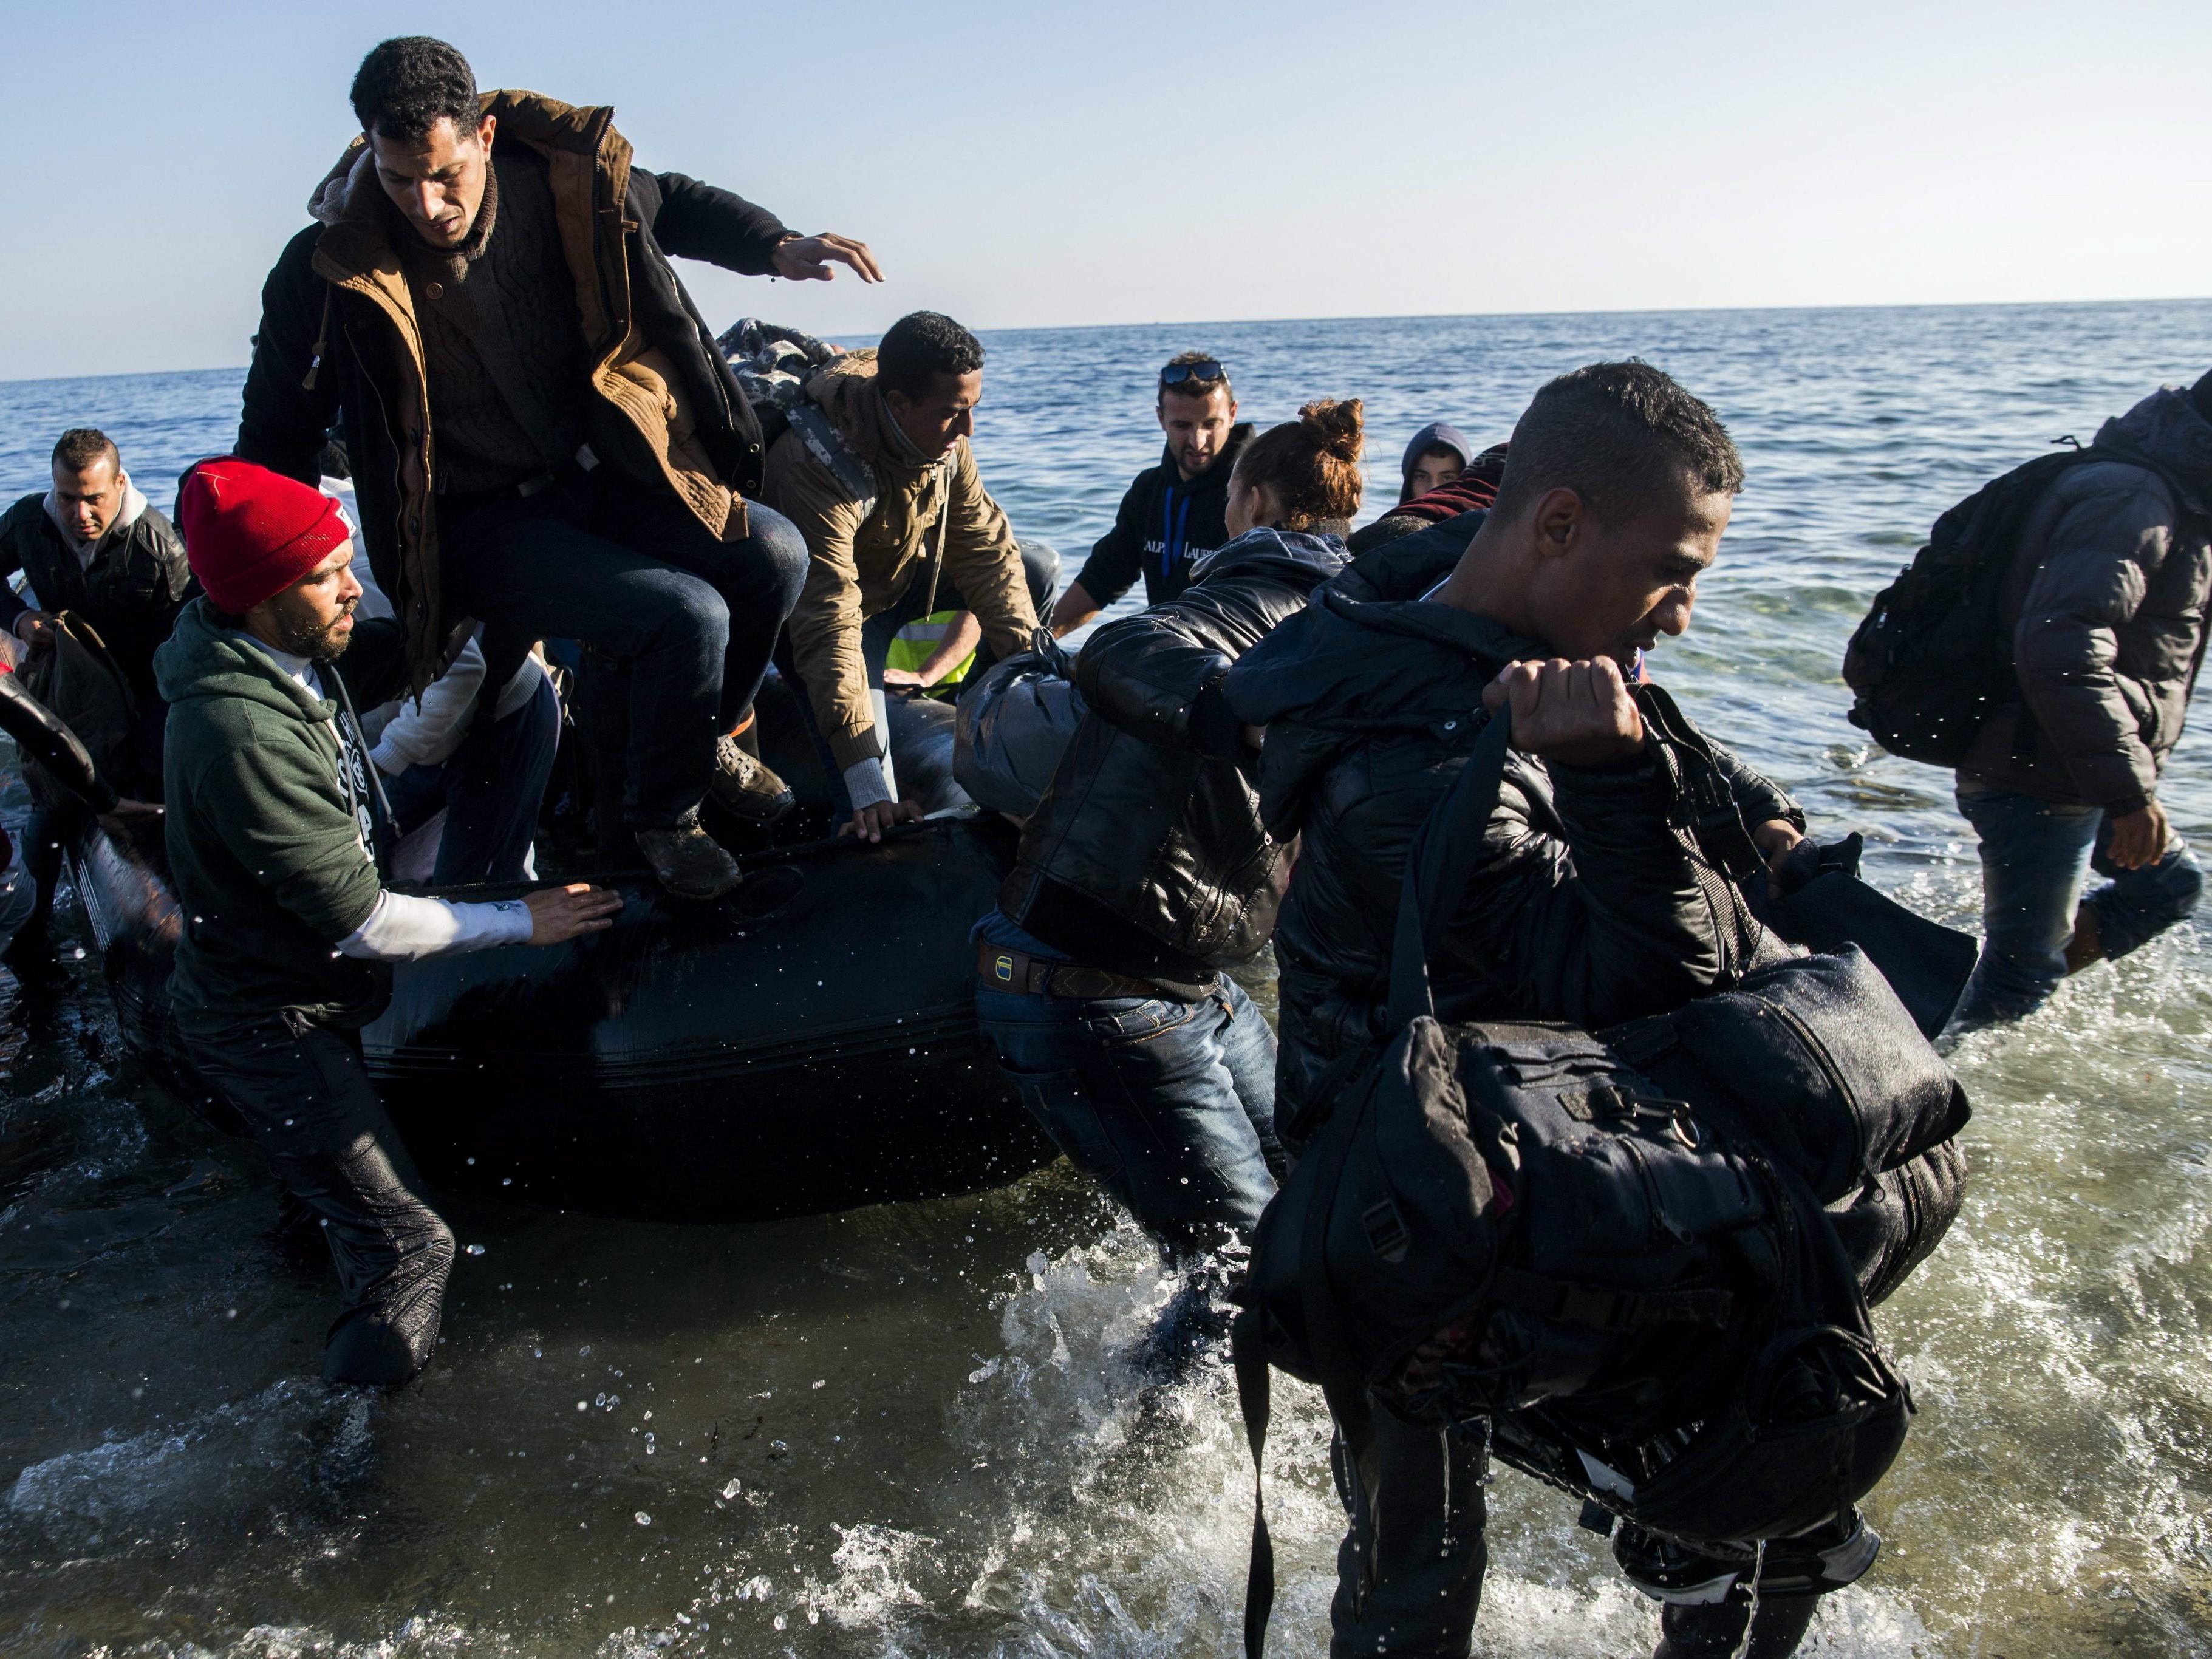 Ankara wirft EU zu späte Reaktion vor und verspricht Arbeitserlaubnis für Flüchtlinge.